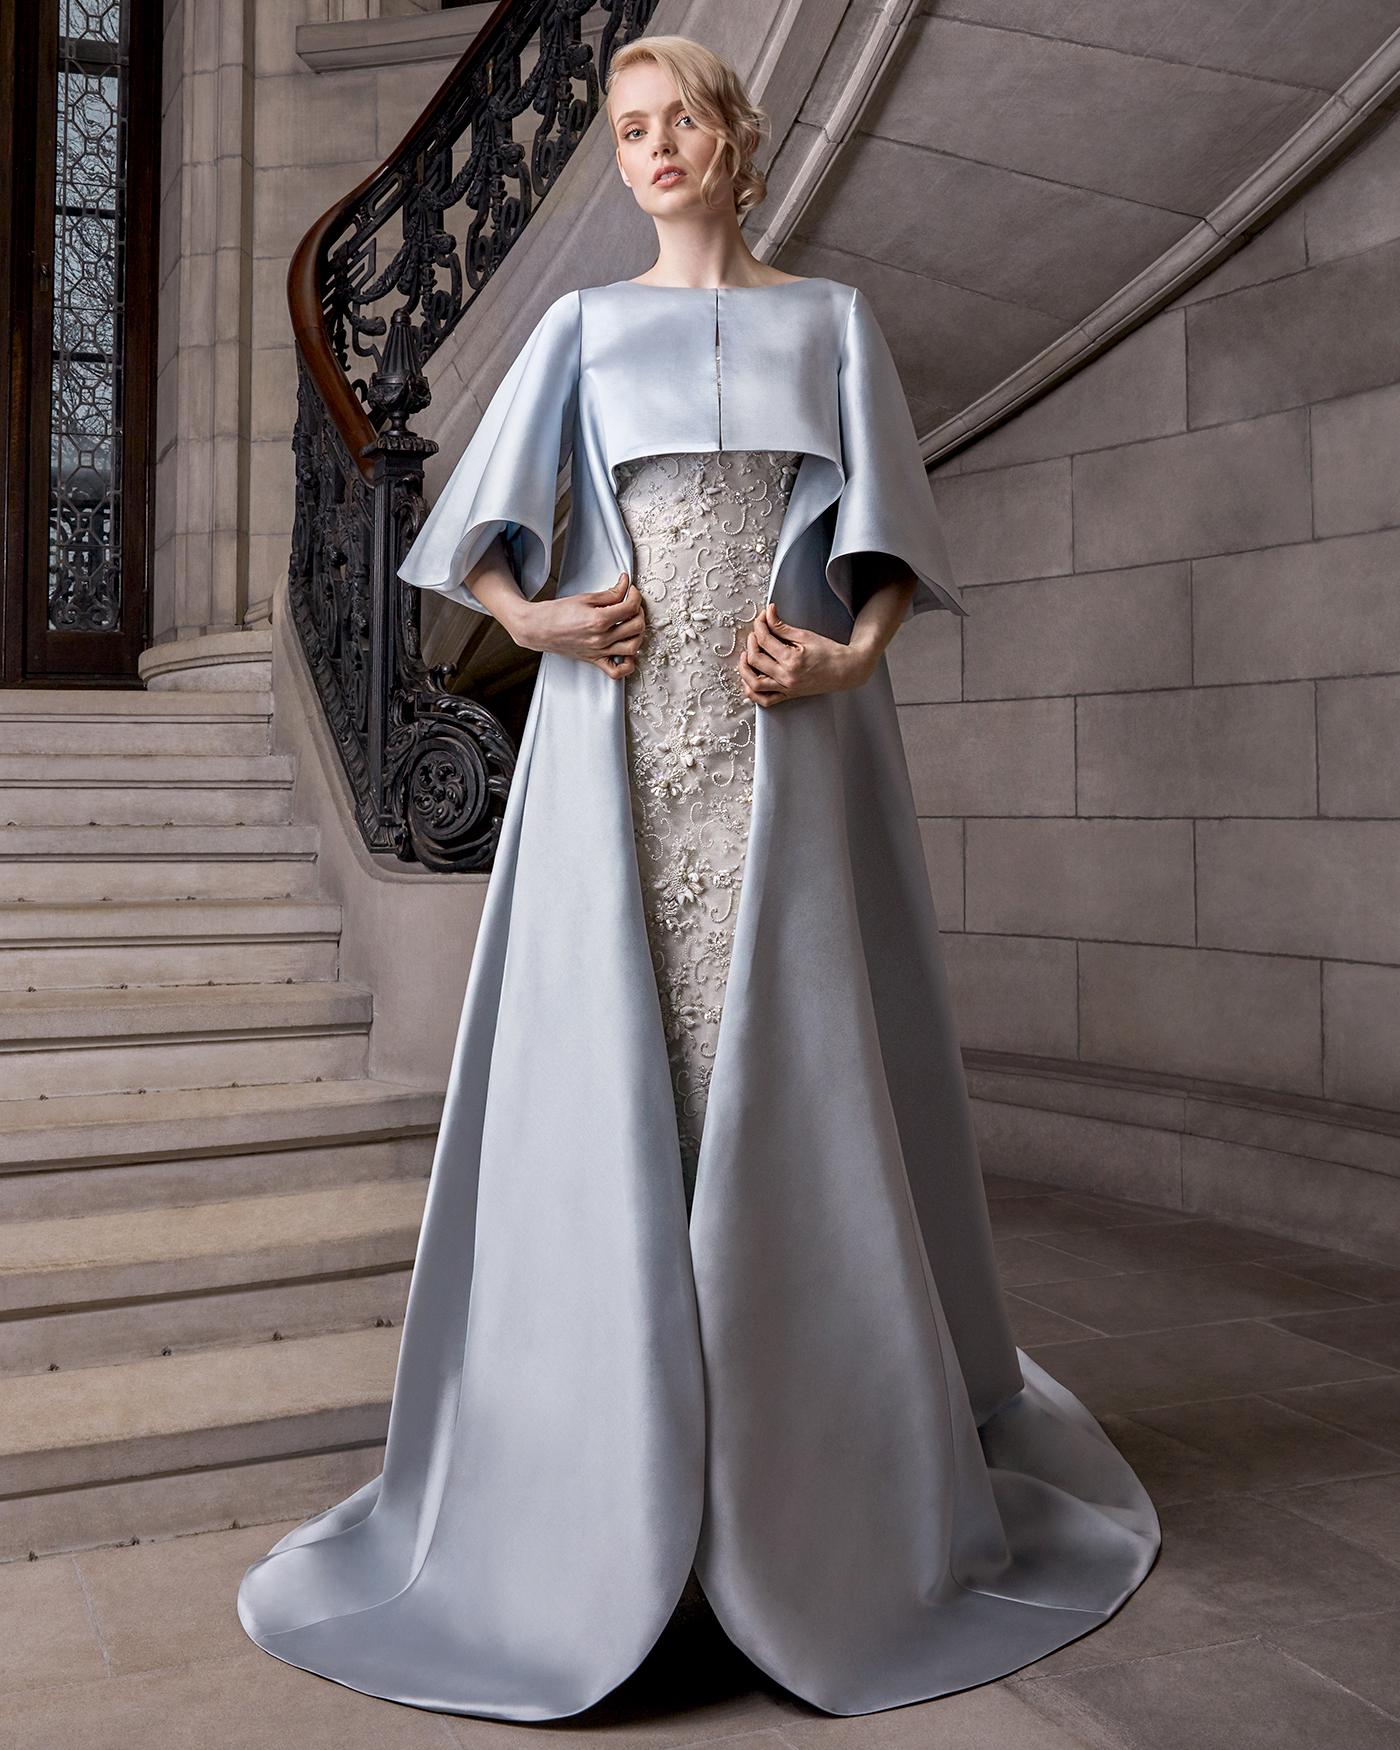 sareh nouri floral applique cape wedding dress spring 2020